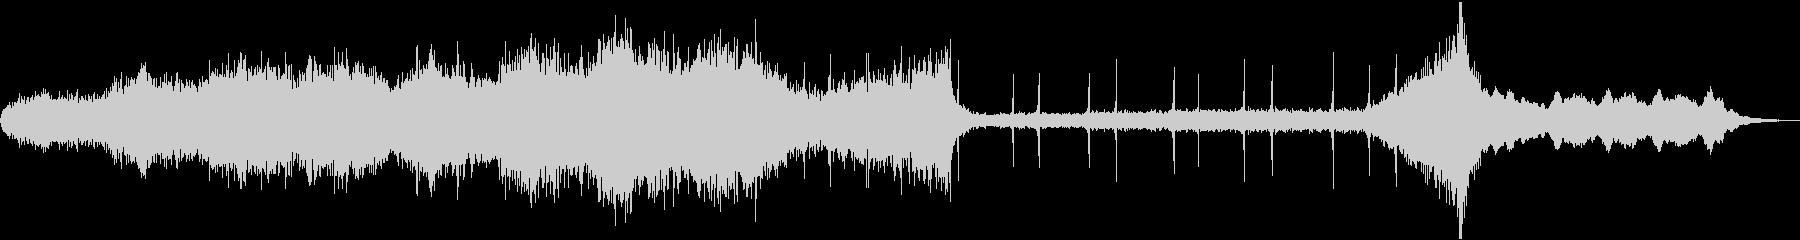 ストリングスの怖い雰囲気のBGMの未再生の波形